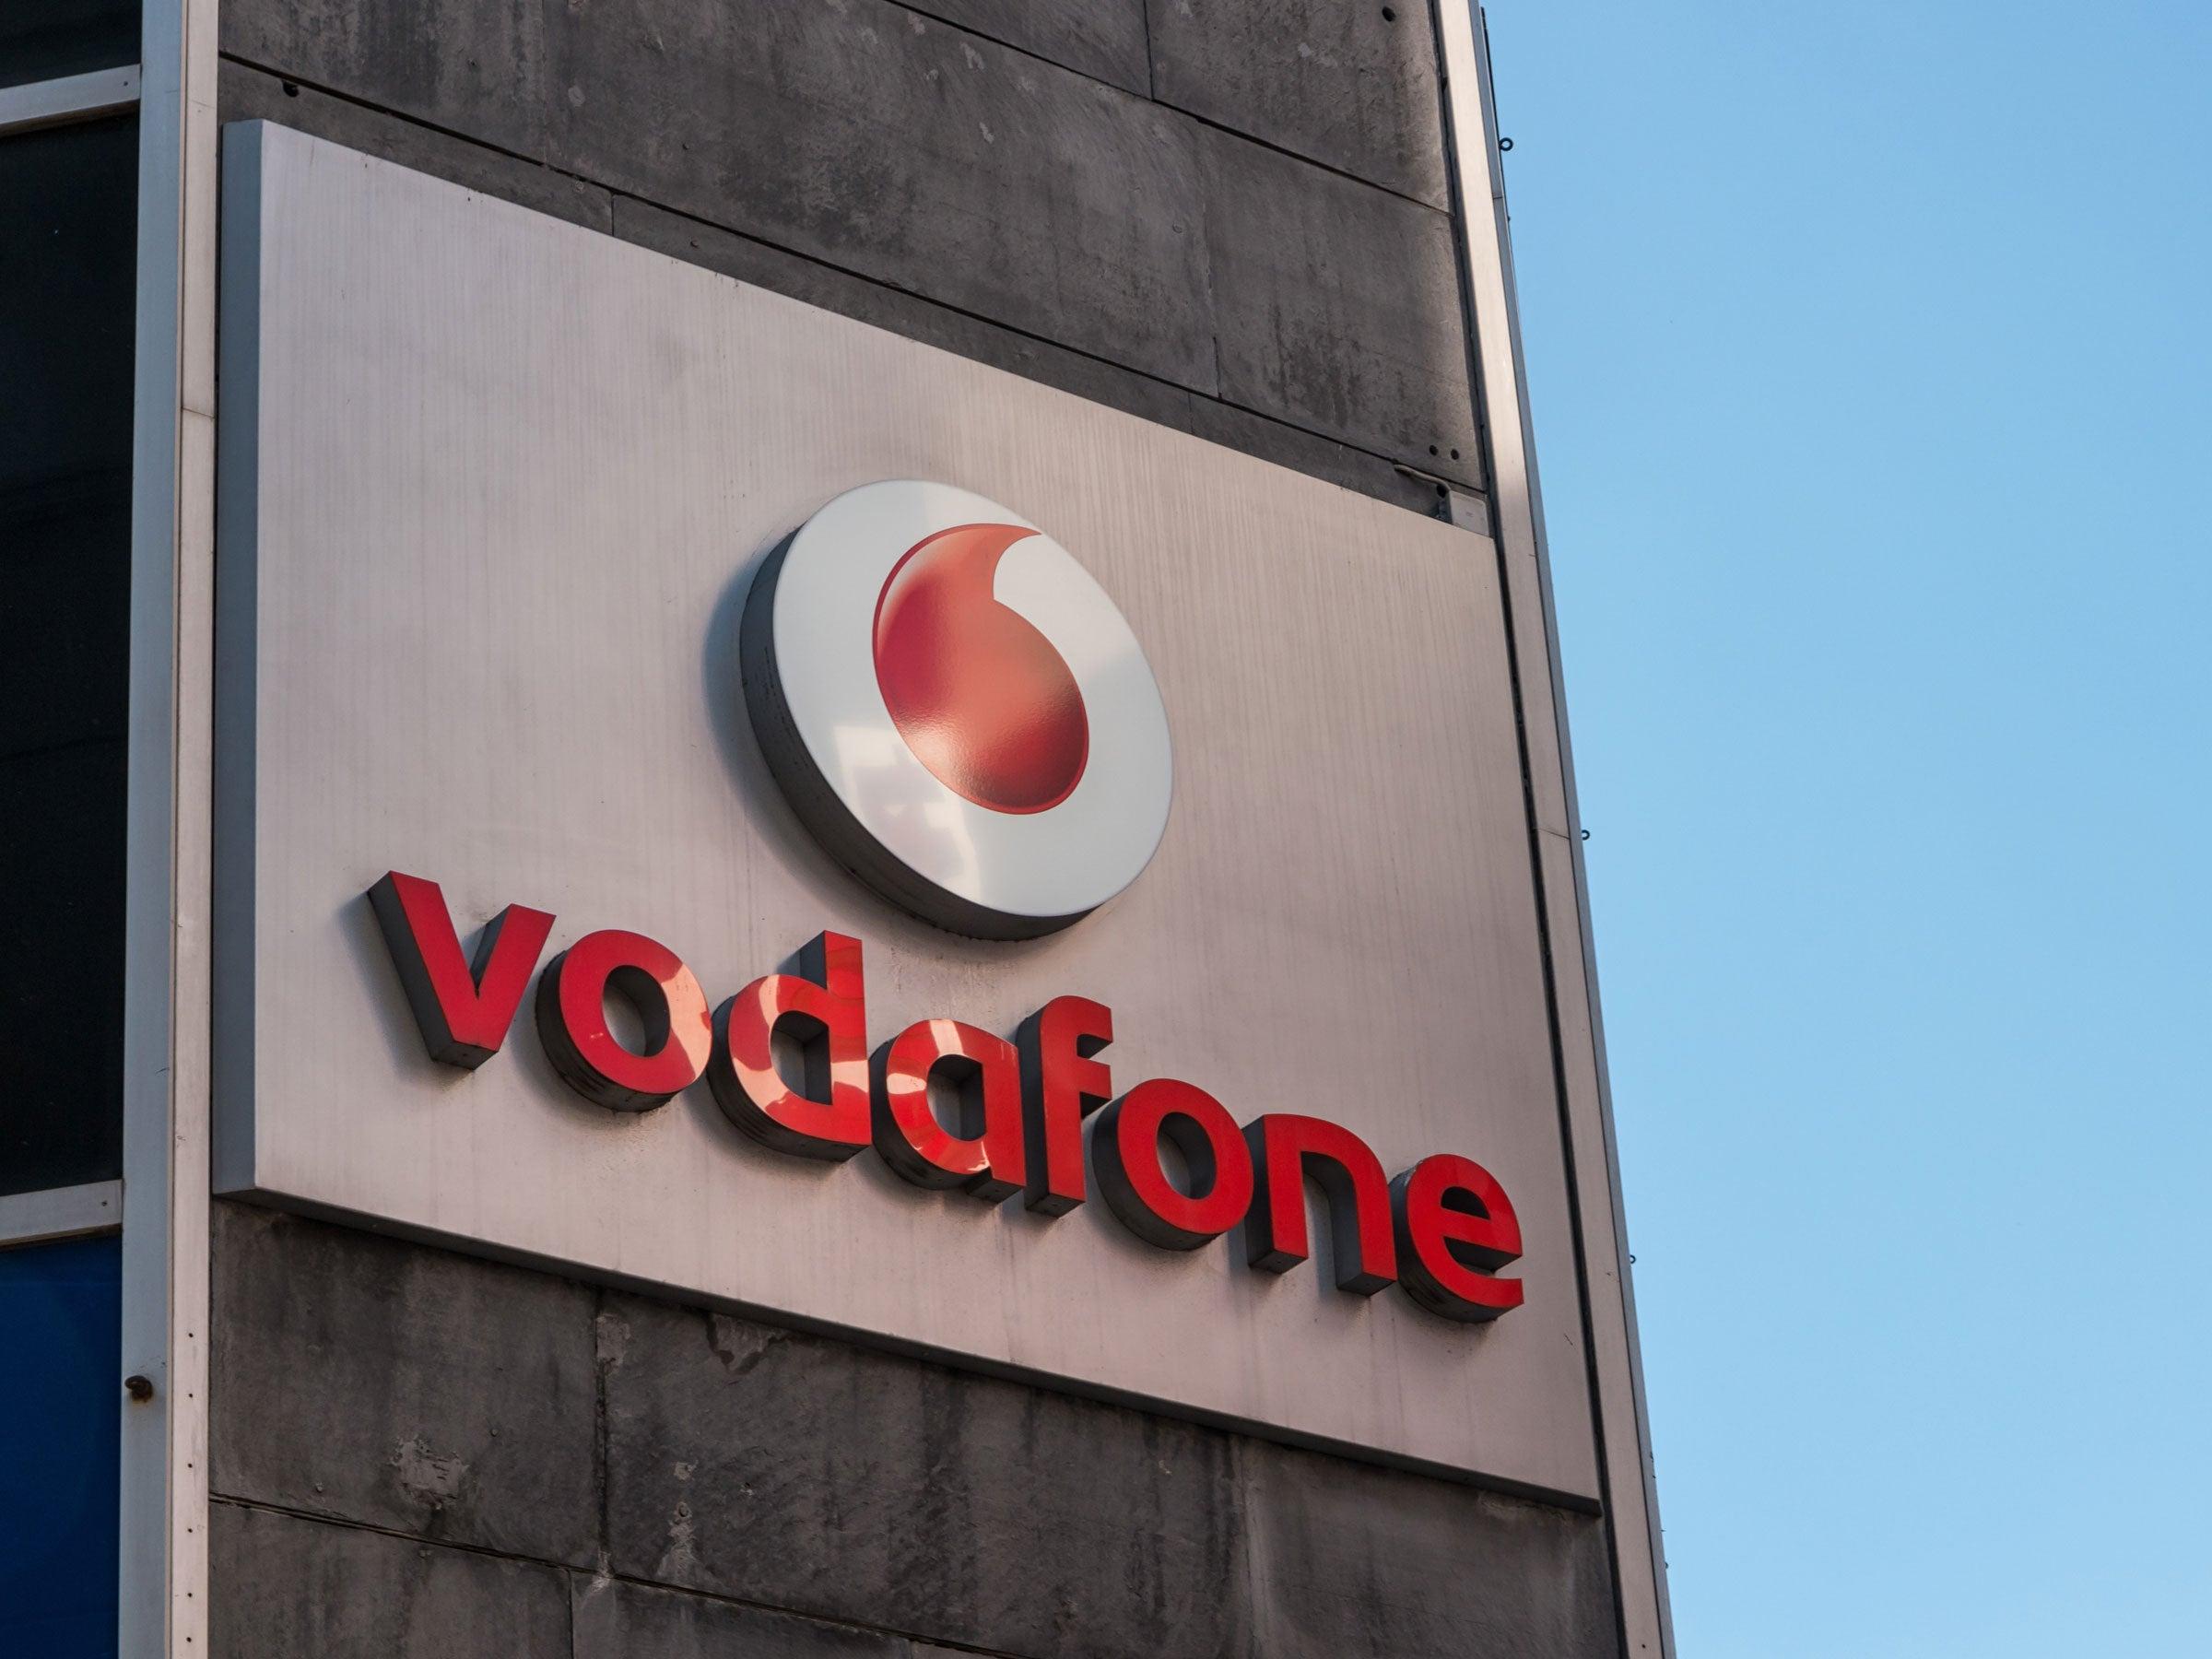 Abzocke bei Vodafone Das sind die miesen Tricks